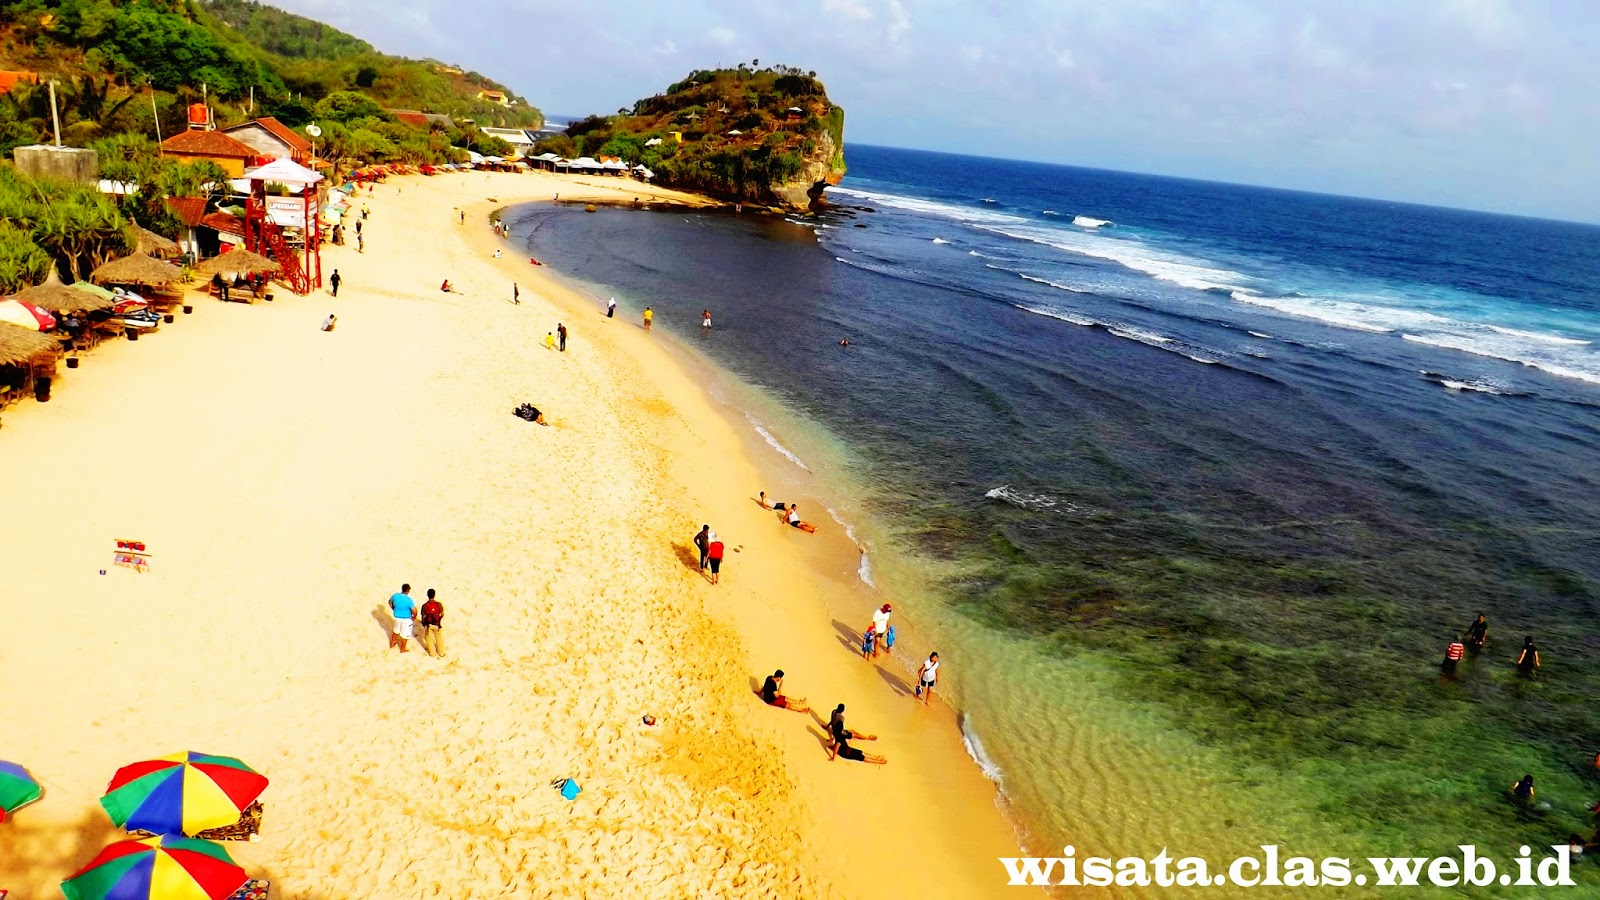 Pantai Indrayanti Wisata Pantai menarik dan eksotis di Gunungkidul Yogyakarta